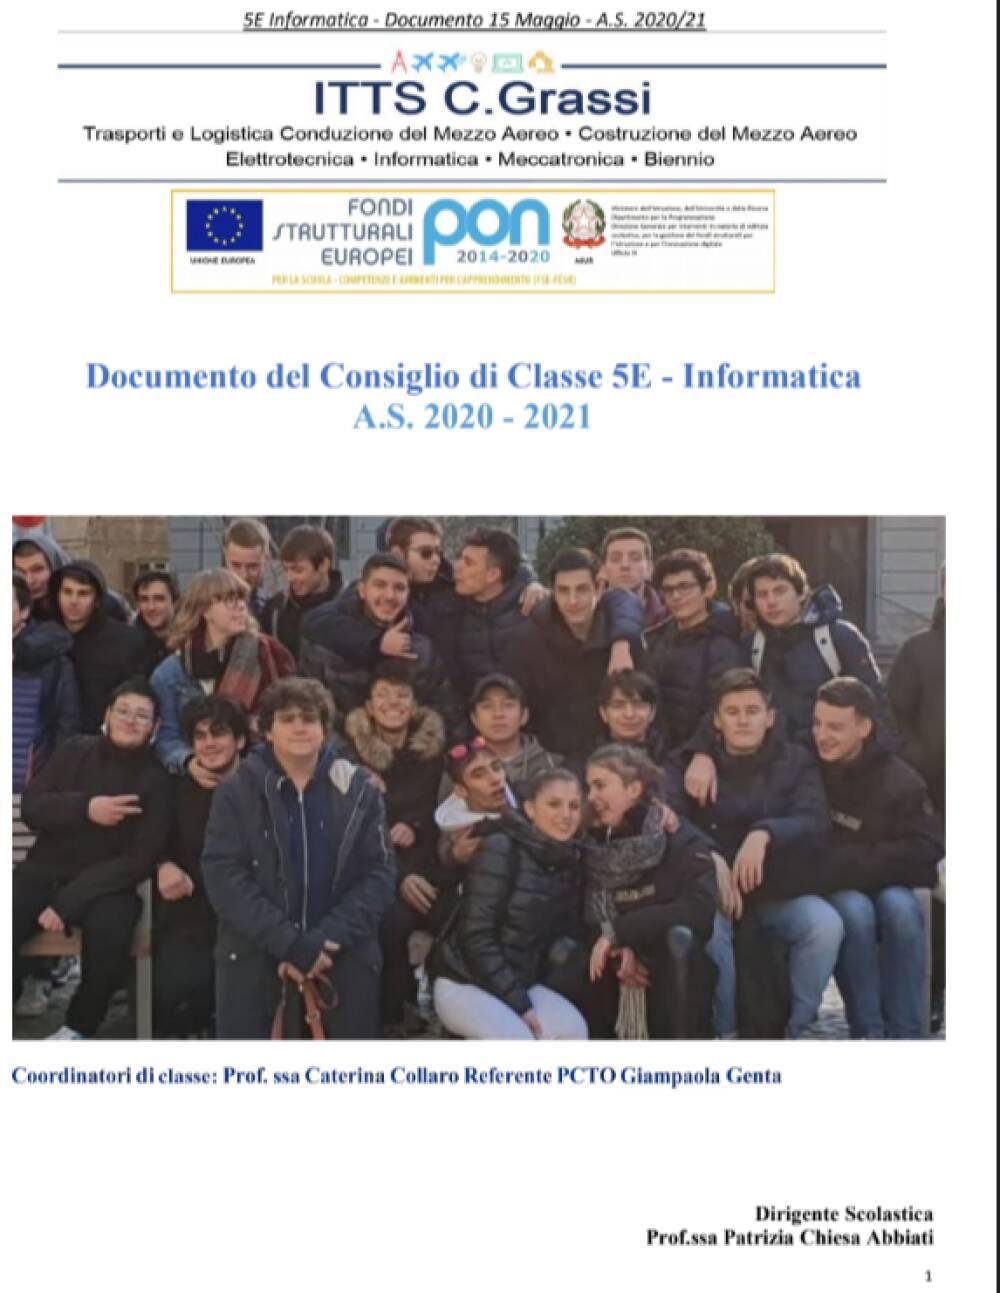 Documento 15 Maggio 5E